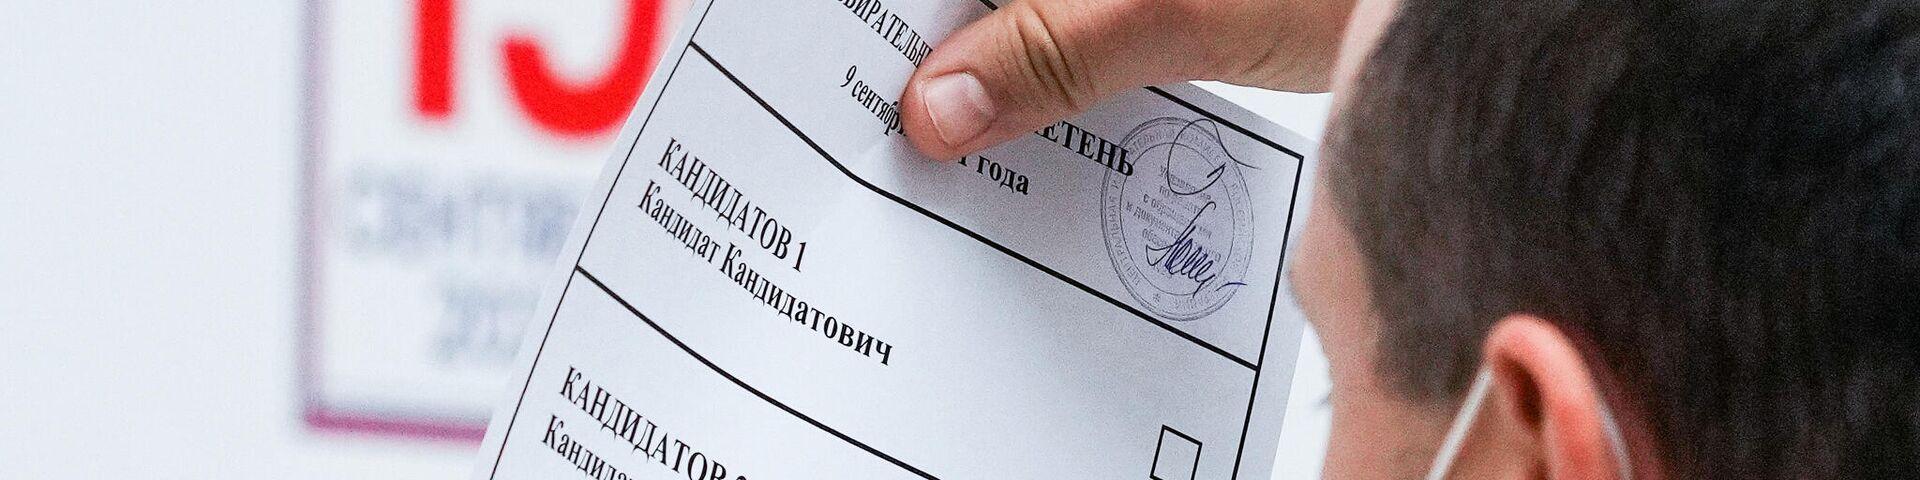 Открытое тестовое голосование в ЦИК России - РИА Новости, 1920, 10.09.2021